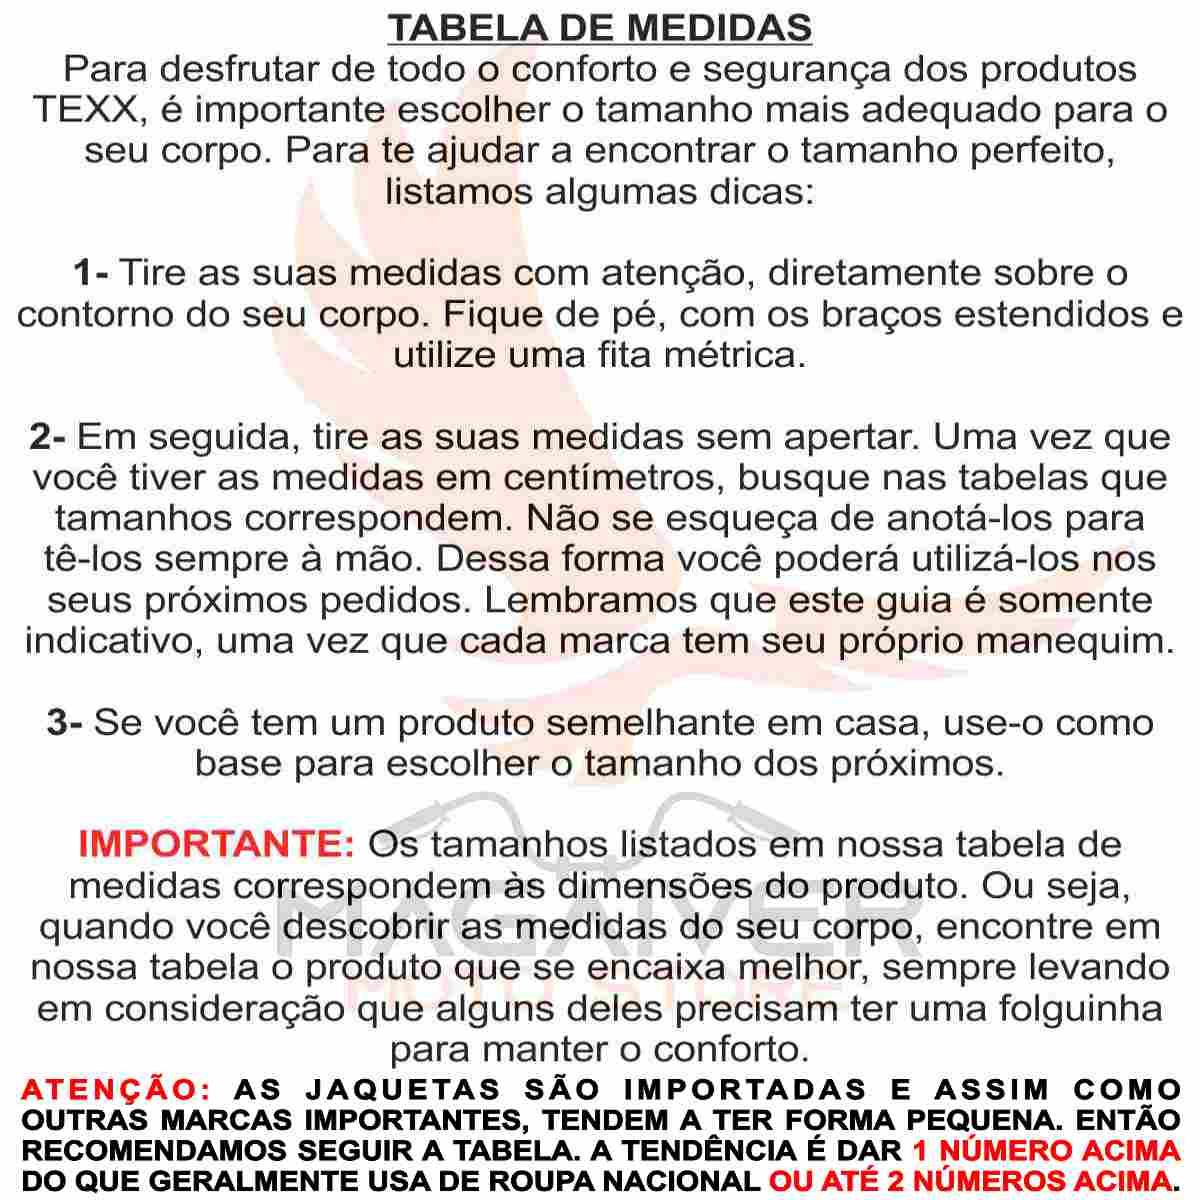 JAQUETA DE MOTOQUEIRO MASCULINA 100% IMPERMEÁVEL TEXX FALCON RELOADED